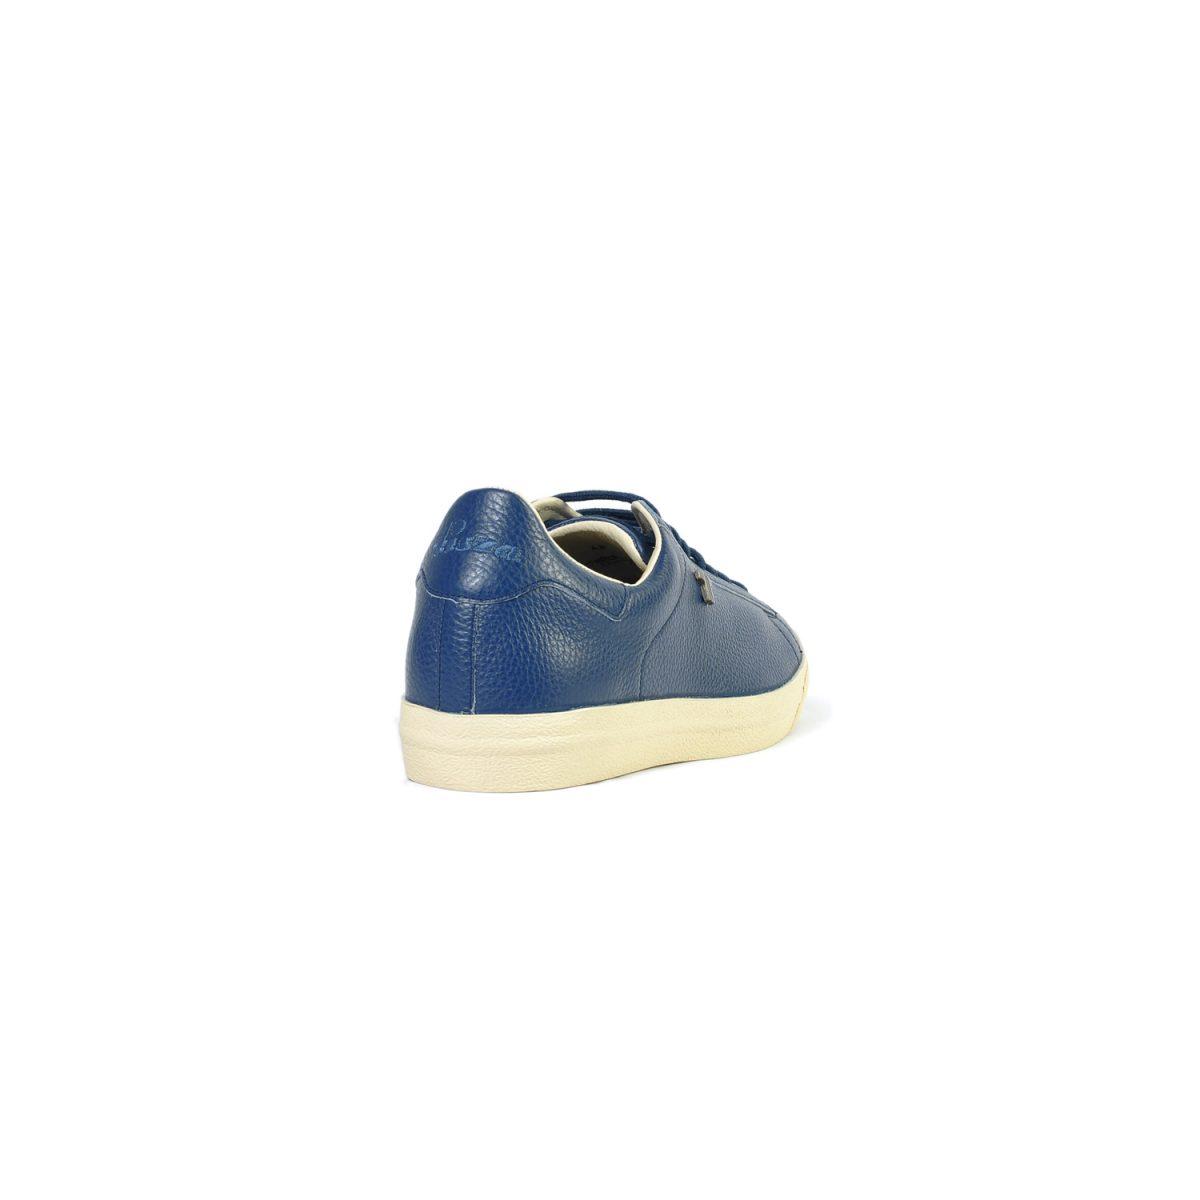 Tisza shoes - Simple - Blue